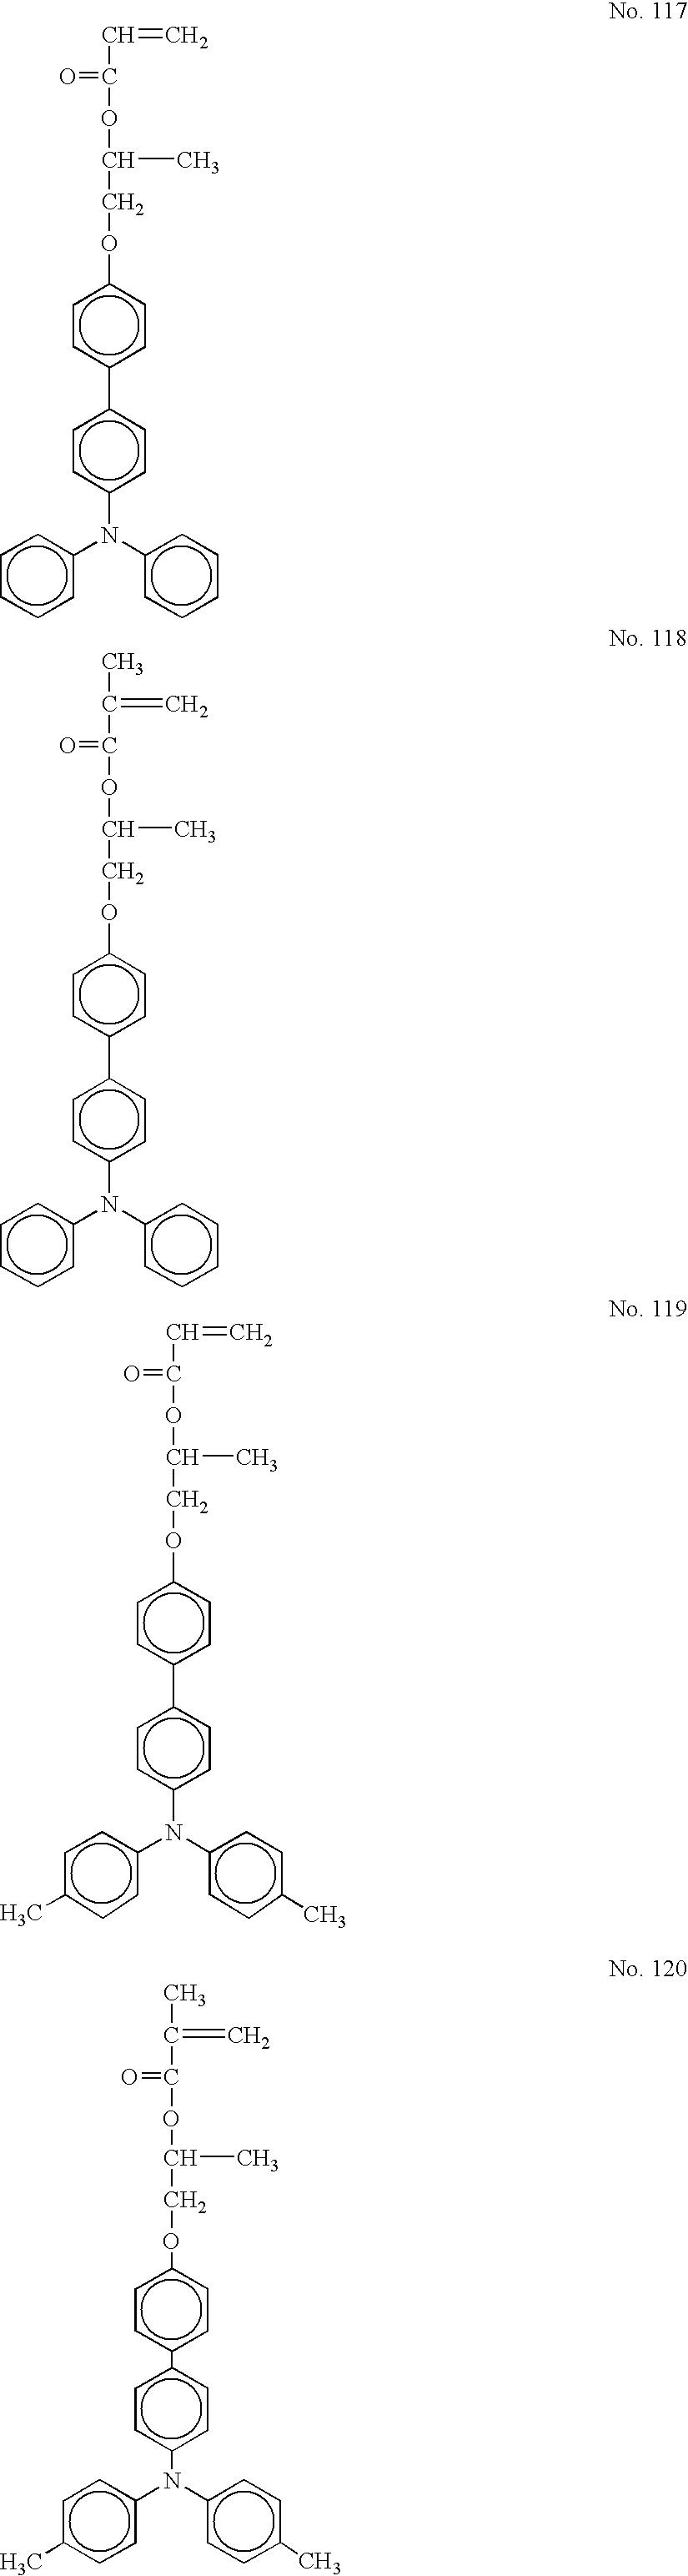 Figure US20070059619A1-20070315-C00040